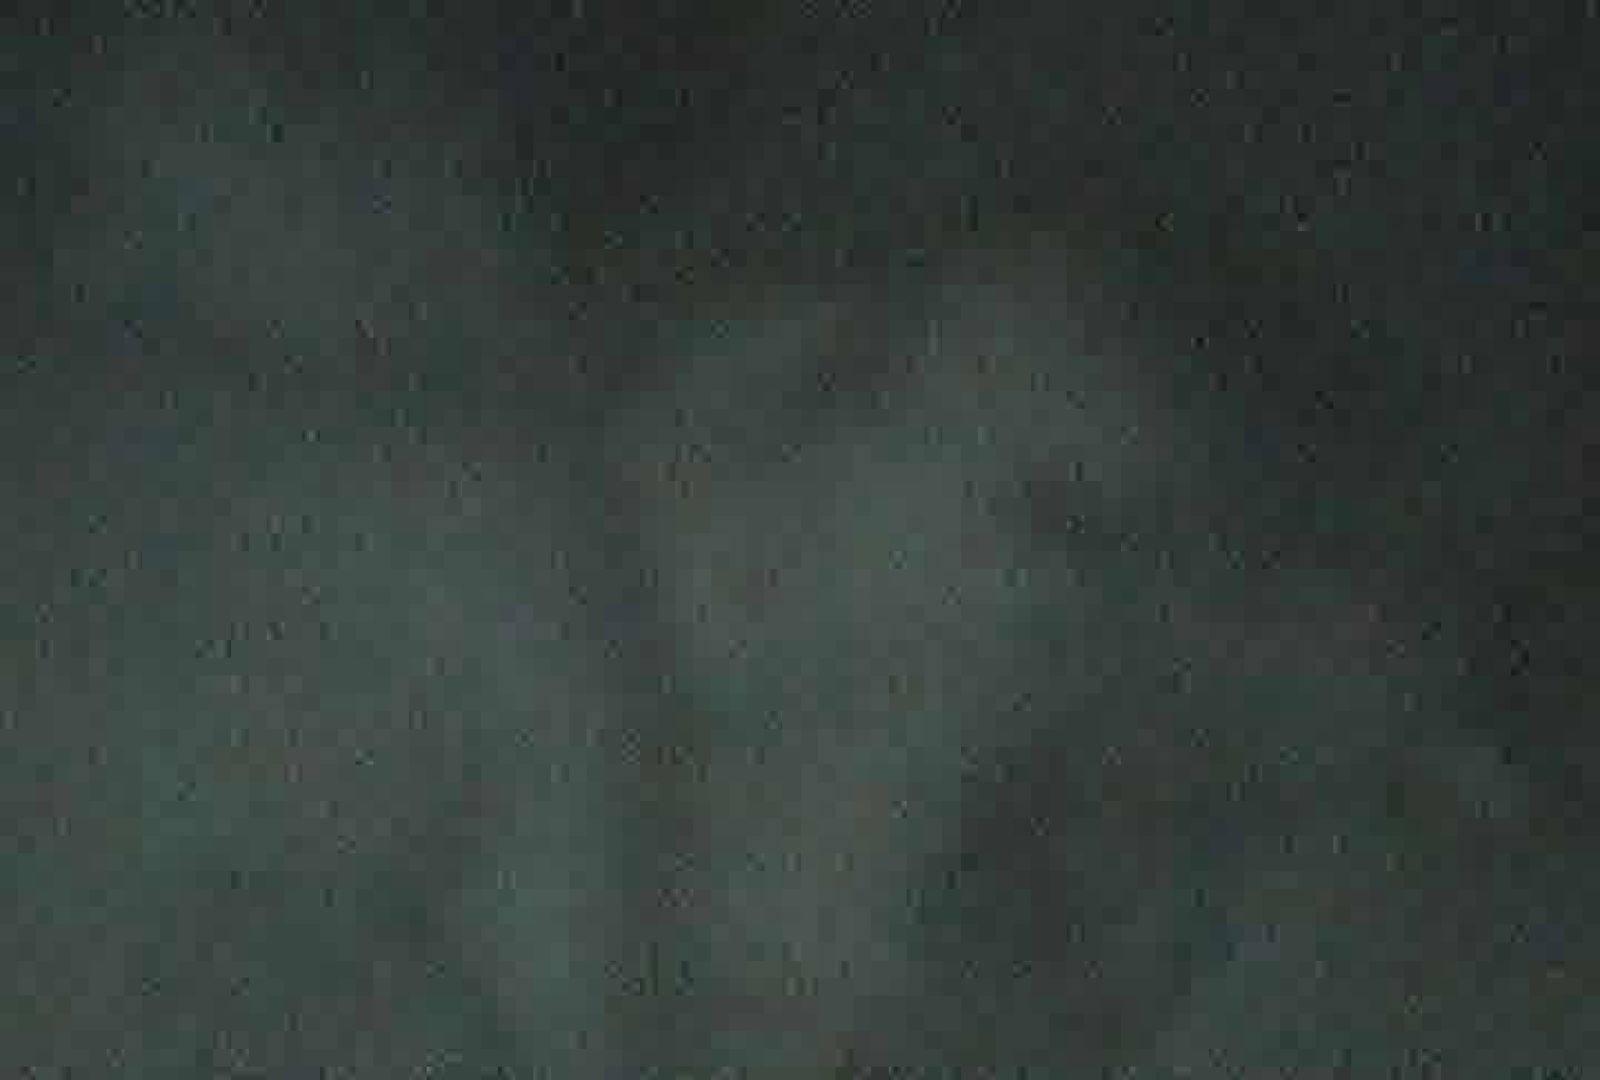 充血監督の深夜の運動会Vol.91 マンコ無修正 盗み撮りオマンコ動画キャプチャ 102画像 53